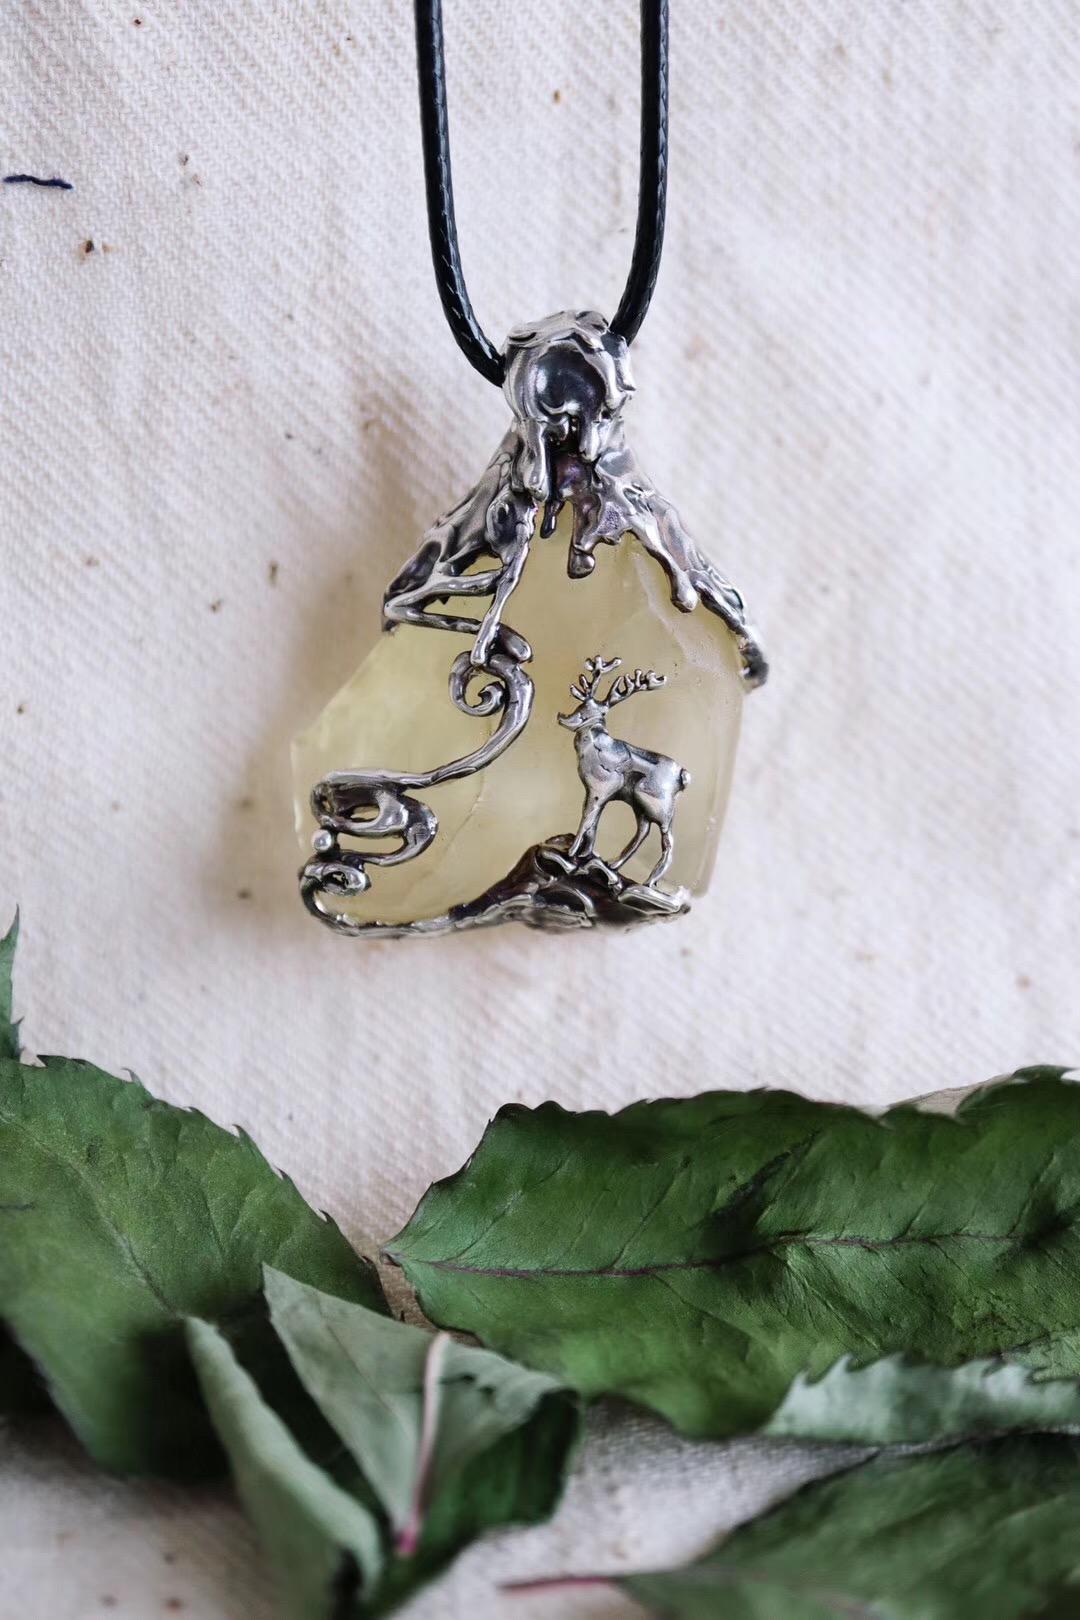 【利比亚黄金陨石】你唤我梦醒,便可见鹿,见鲸,亦见你-菩心晶舍